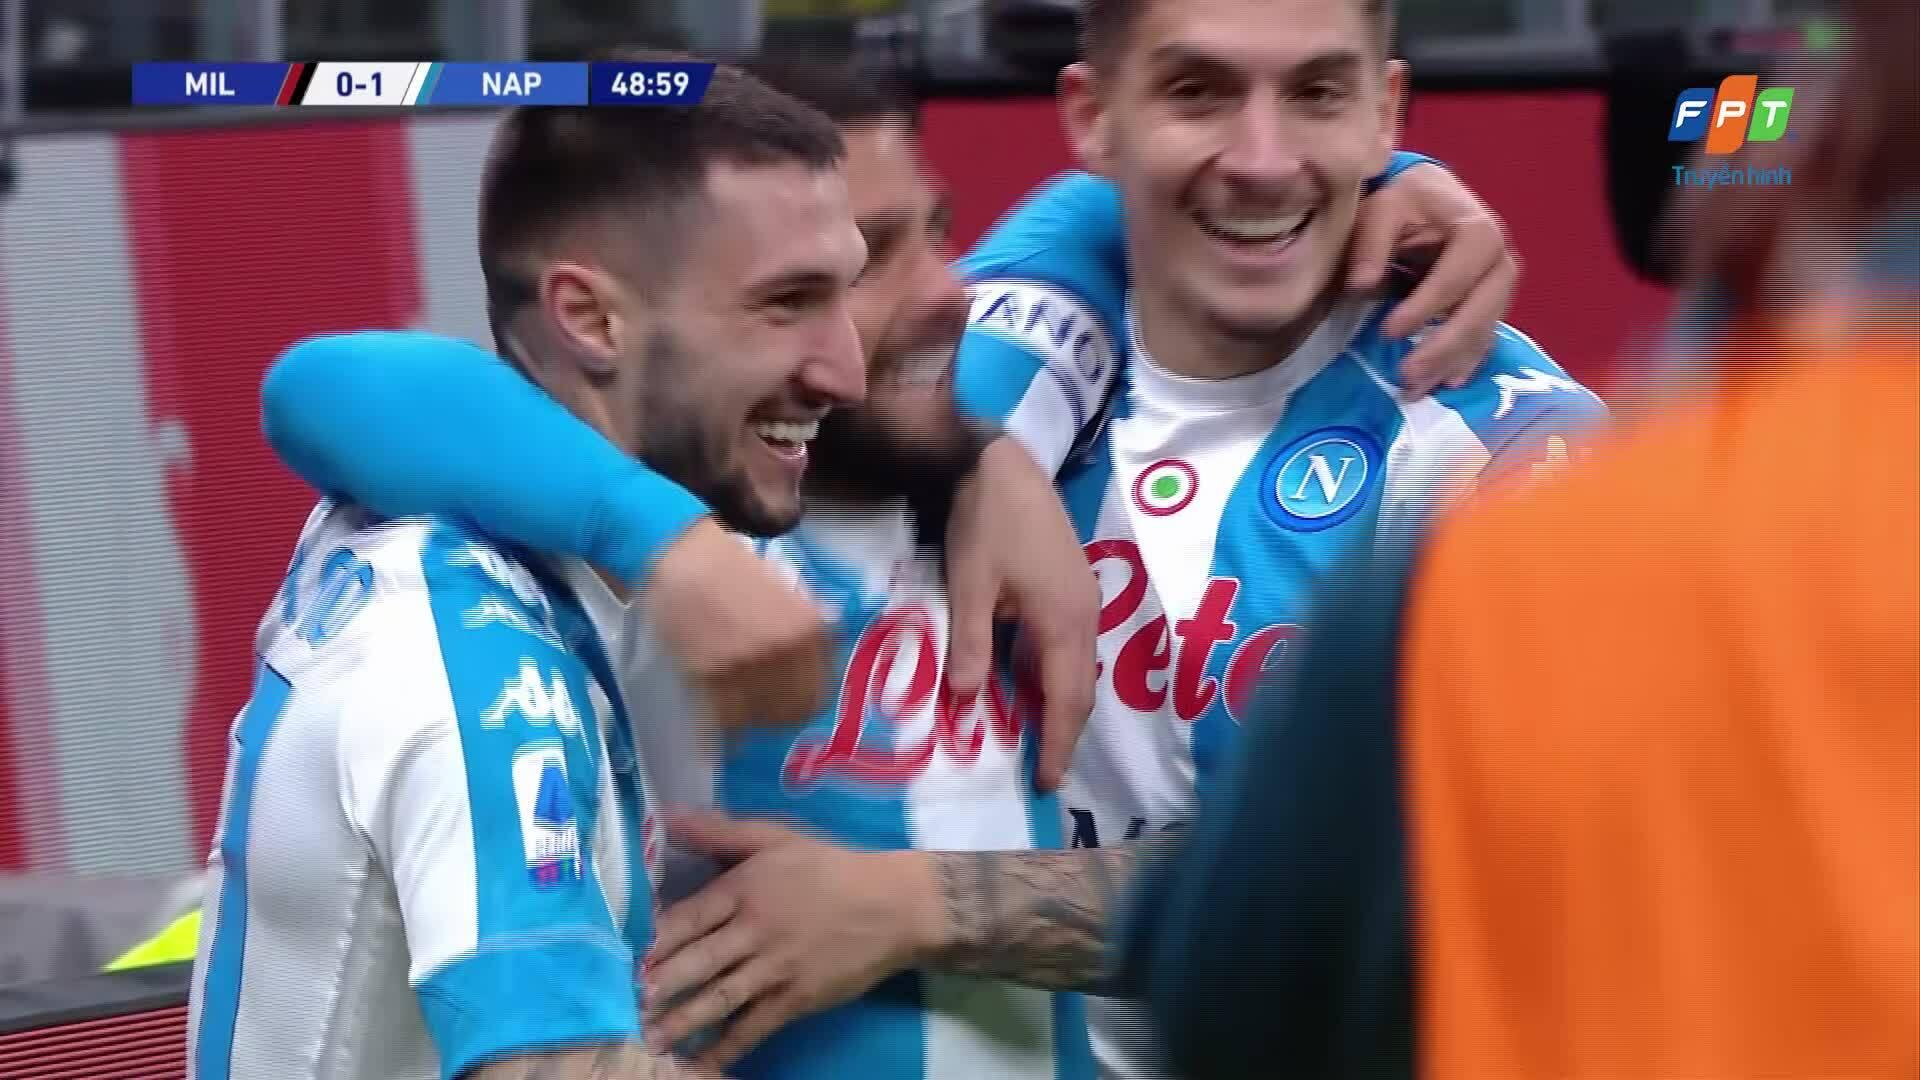 Milan 0-1 Napoli